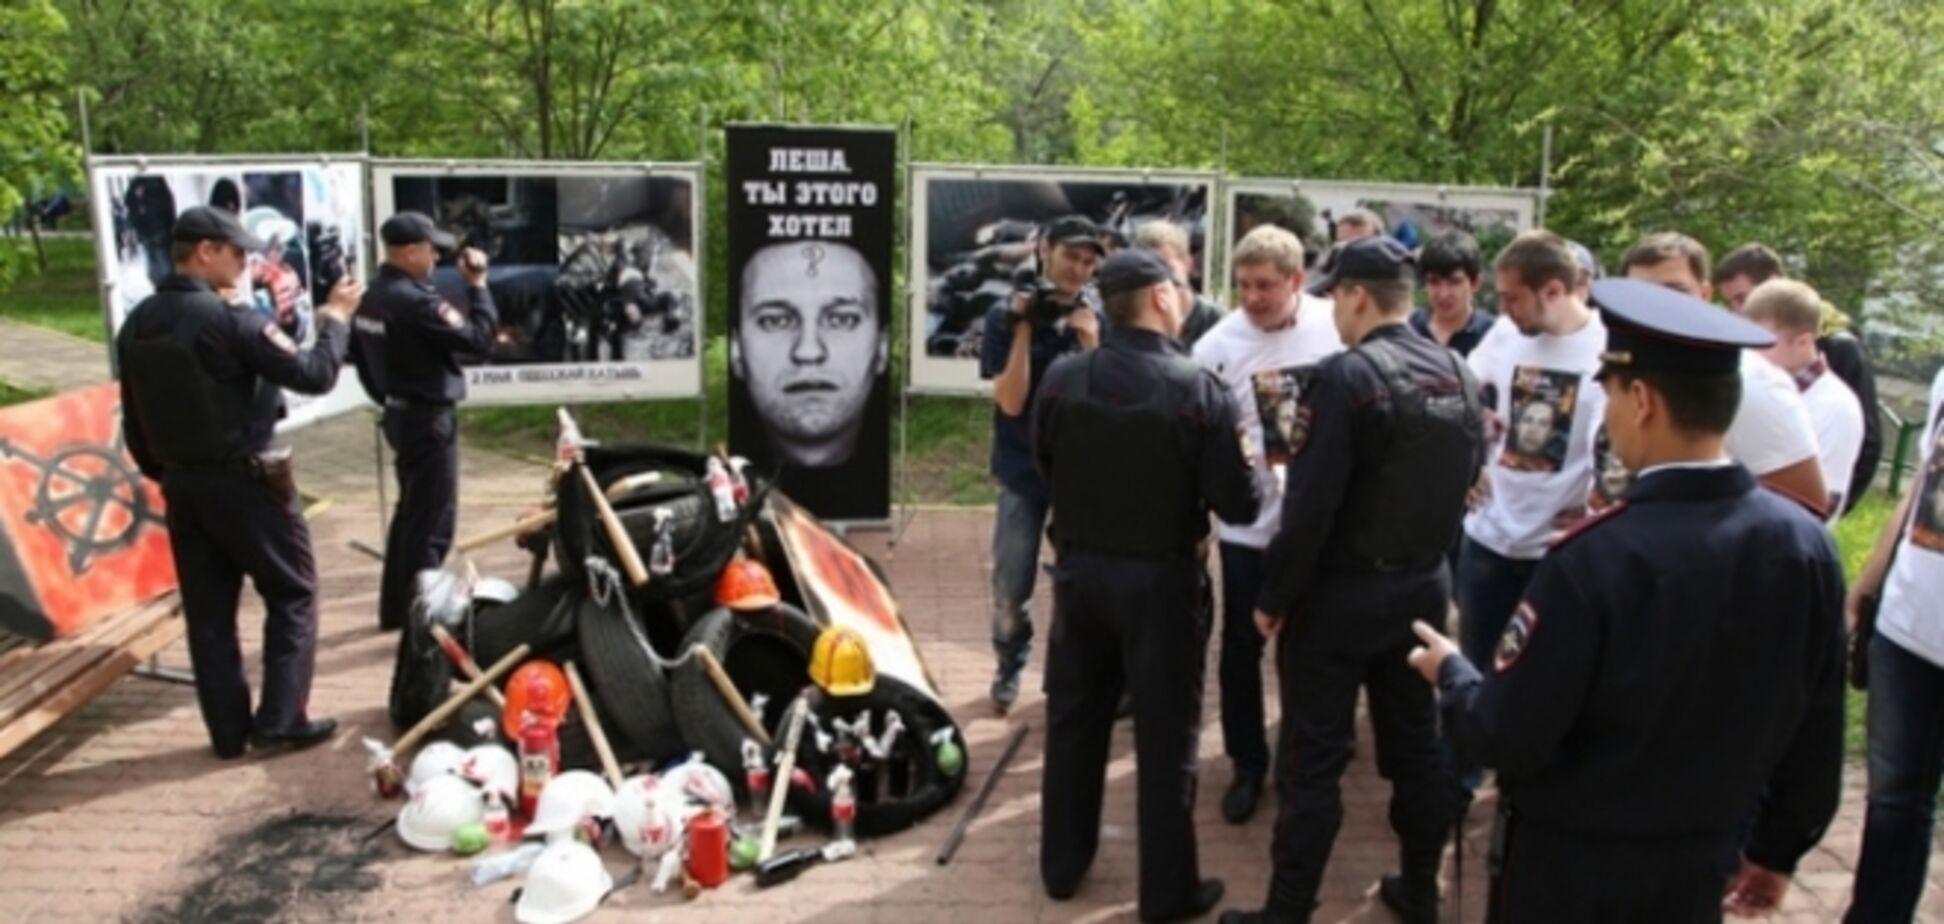 Пропутінські активісти пікетували будинок Навального, звинувачуючи його в підтримці Майдану